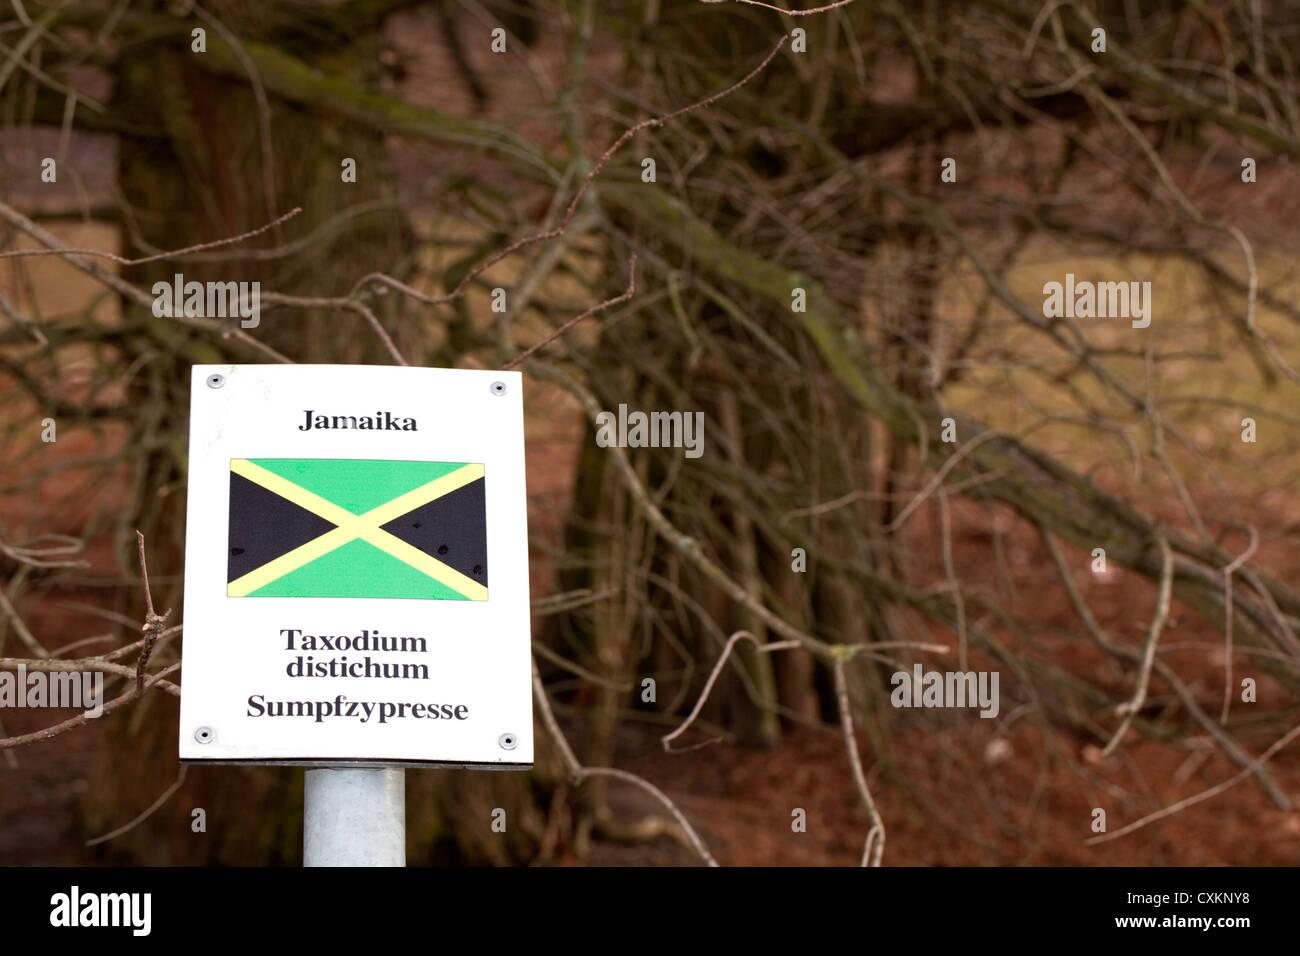 Segno con la bandiera nazionale e un albero di stati di Germania ha relazioni diplomatiche con, Giamaica, Calvo Immagini Stock